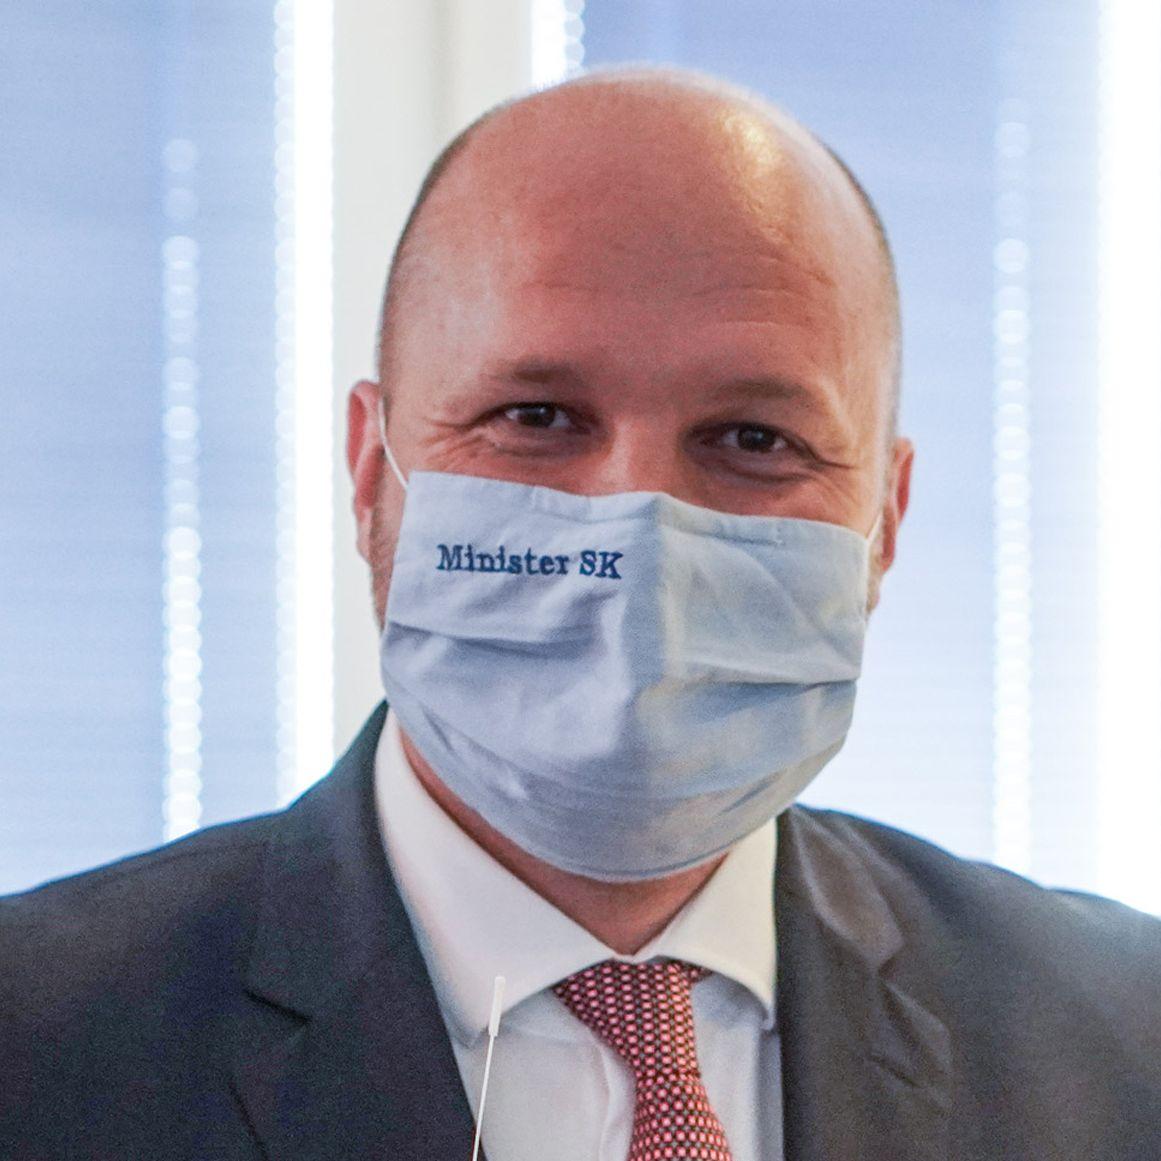 Jaroslav Naď - V rámci plošného testovania bude zabezpečený dostatočný počet zdravotníkov